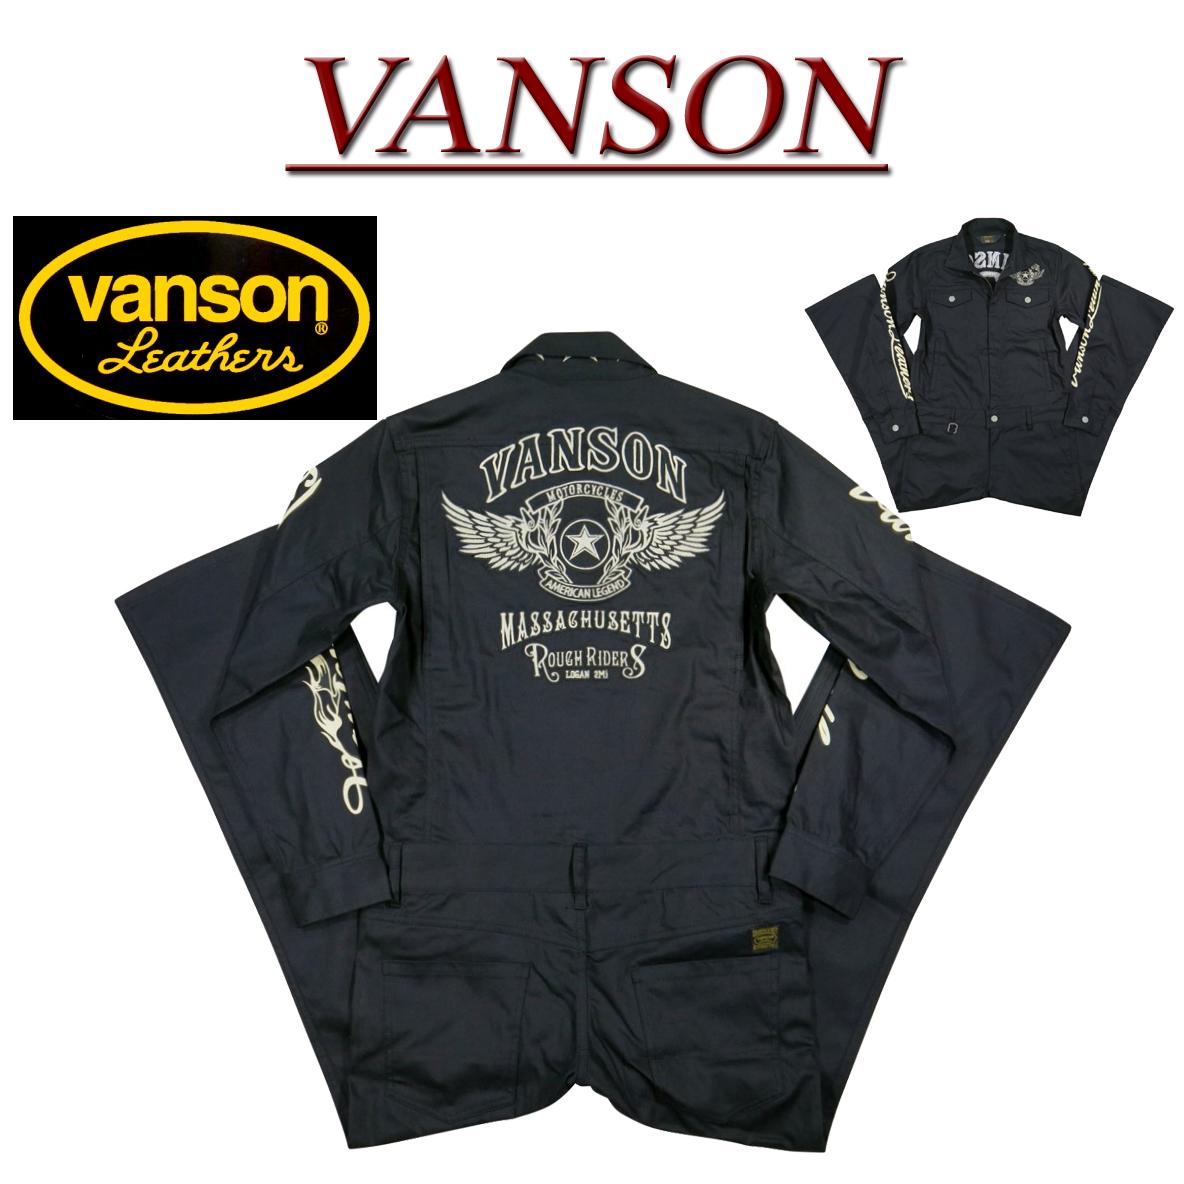 5サイズnb081 新品 VANSON フライングスター ロゴ刺繍 ストレッチ コットンツイル ツナギ NVAO 902yvY6Ifgb7